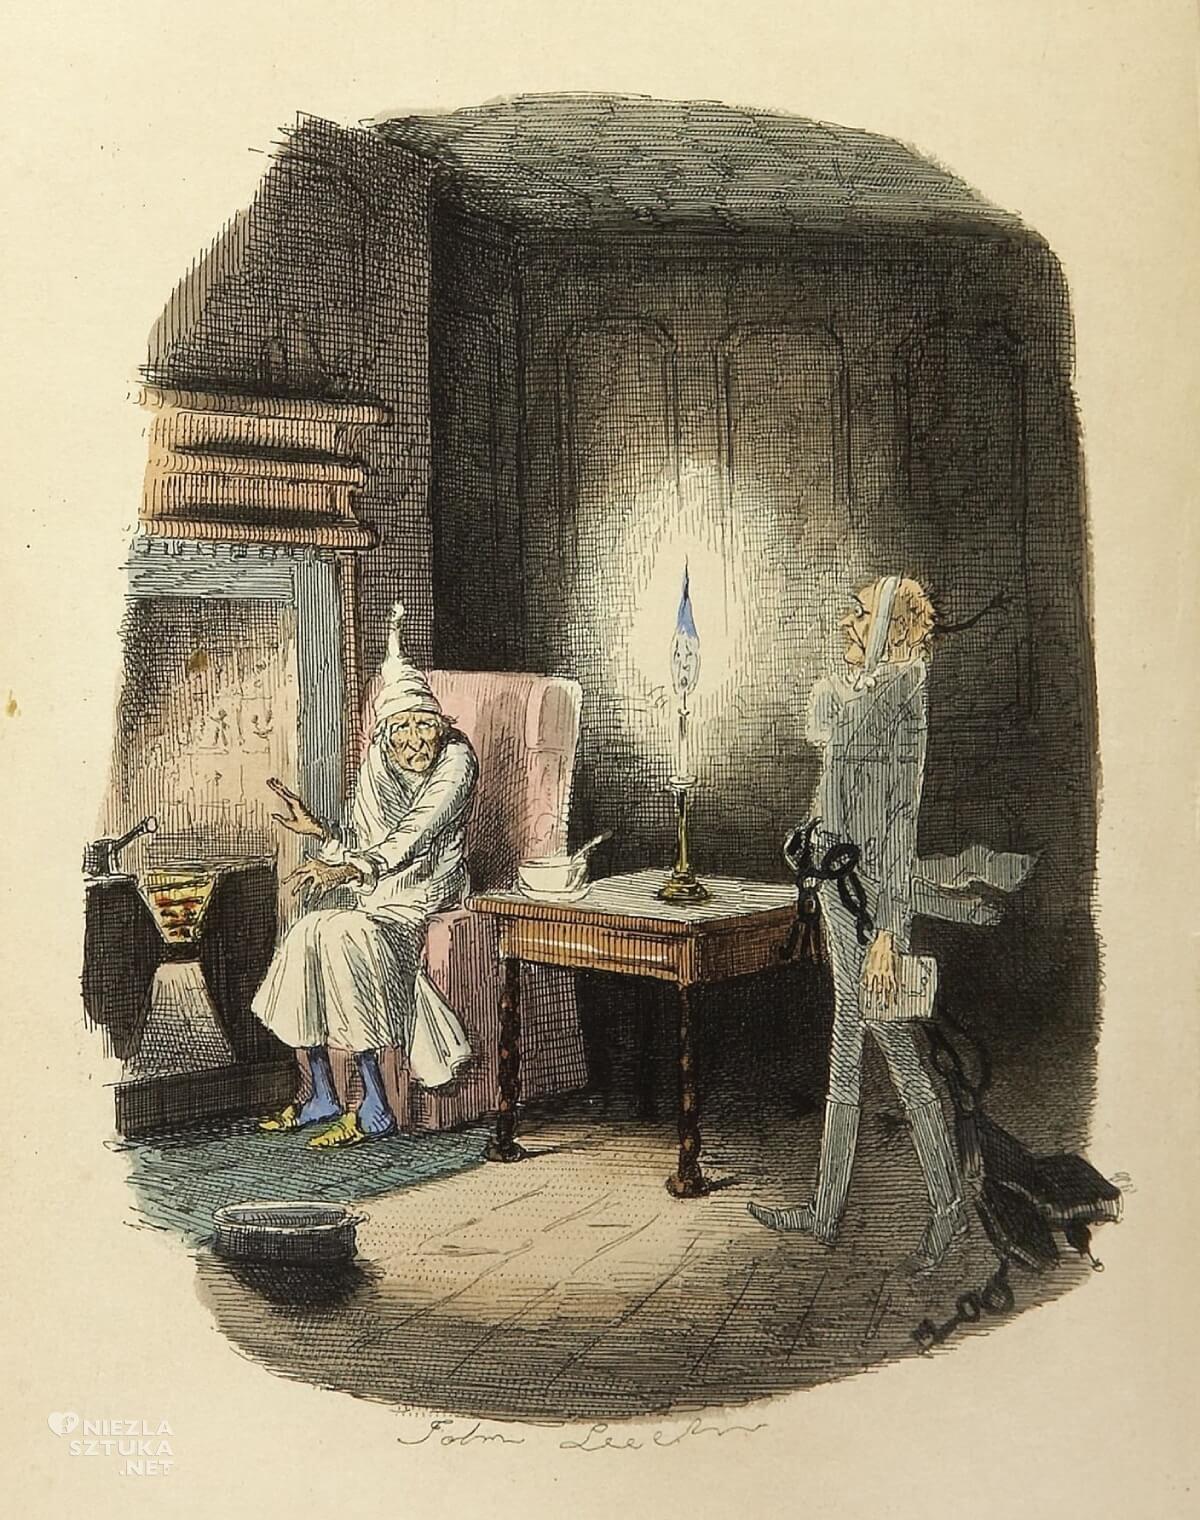 Opowieść wigilijna, ilustracja, literatura angielska, Charles Dickens, Niezła Sztuka